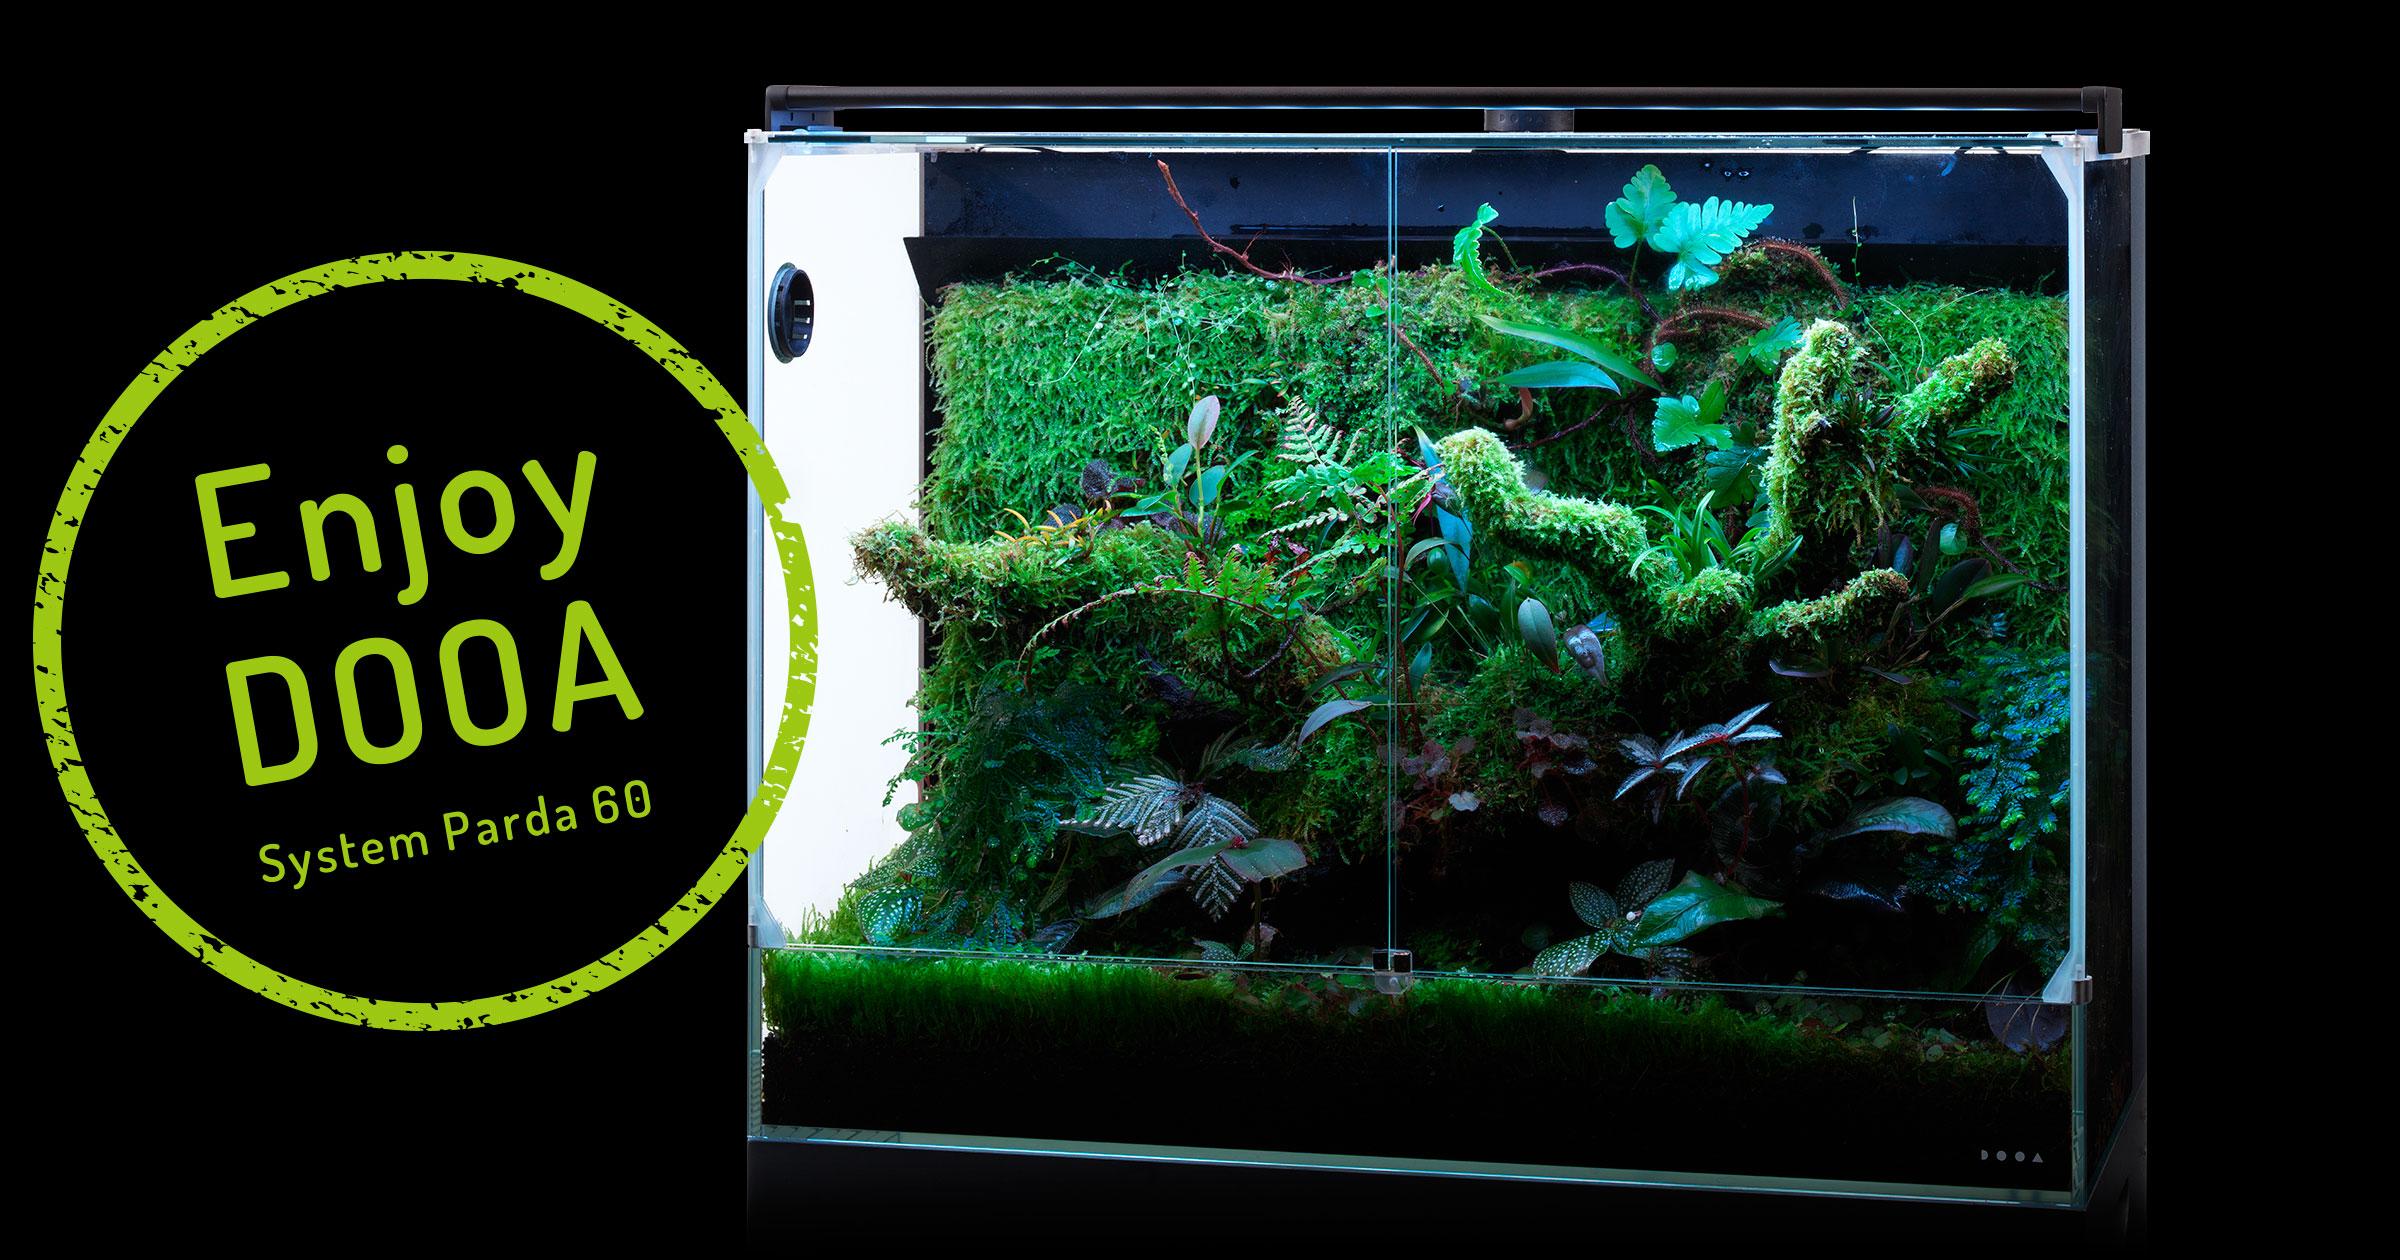 Enjoy DOOA 「システムパルダ 60で熱帯の雲霧林を再現」